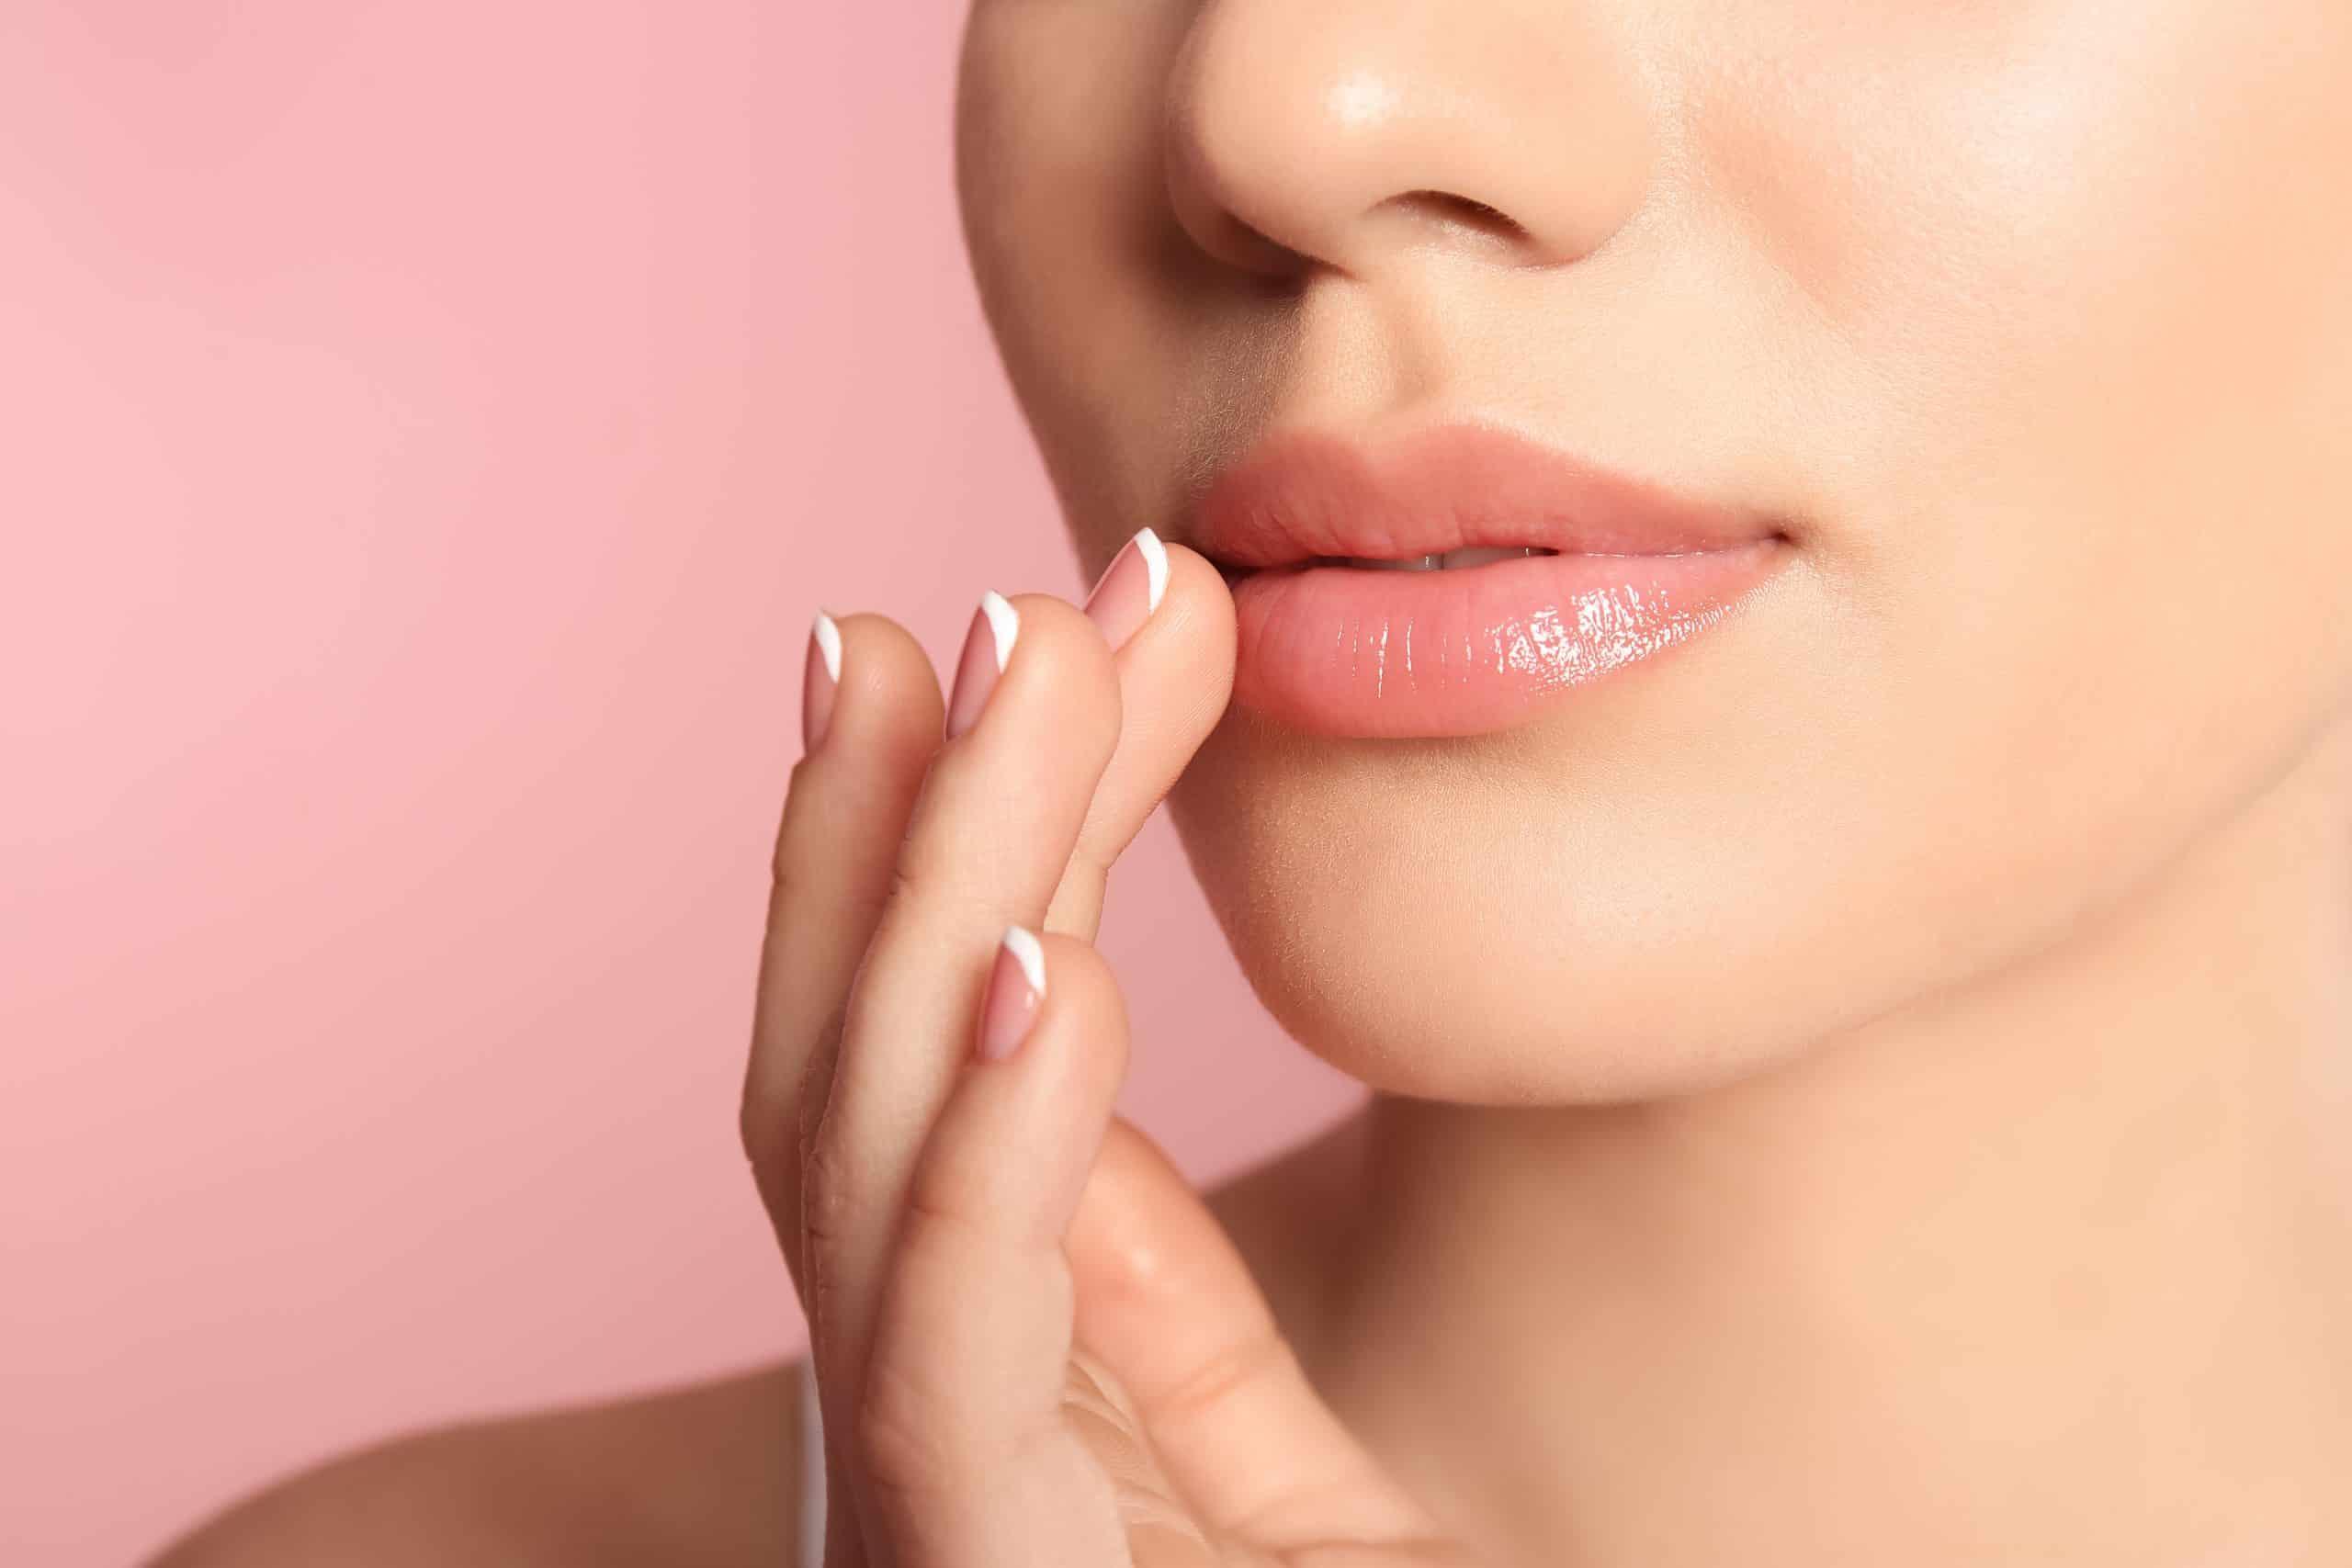 9 ลิปมันกันแดด ช่วยให้ปากนุ่มชุ่มชื้น ไม่หมองคล้ำจากรังสียูวี